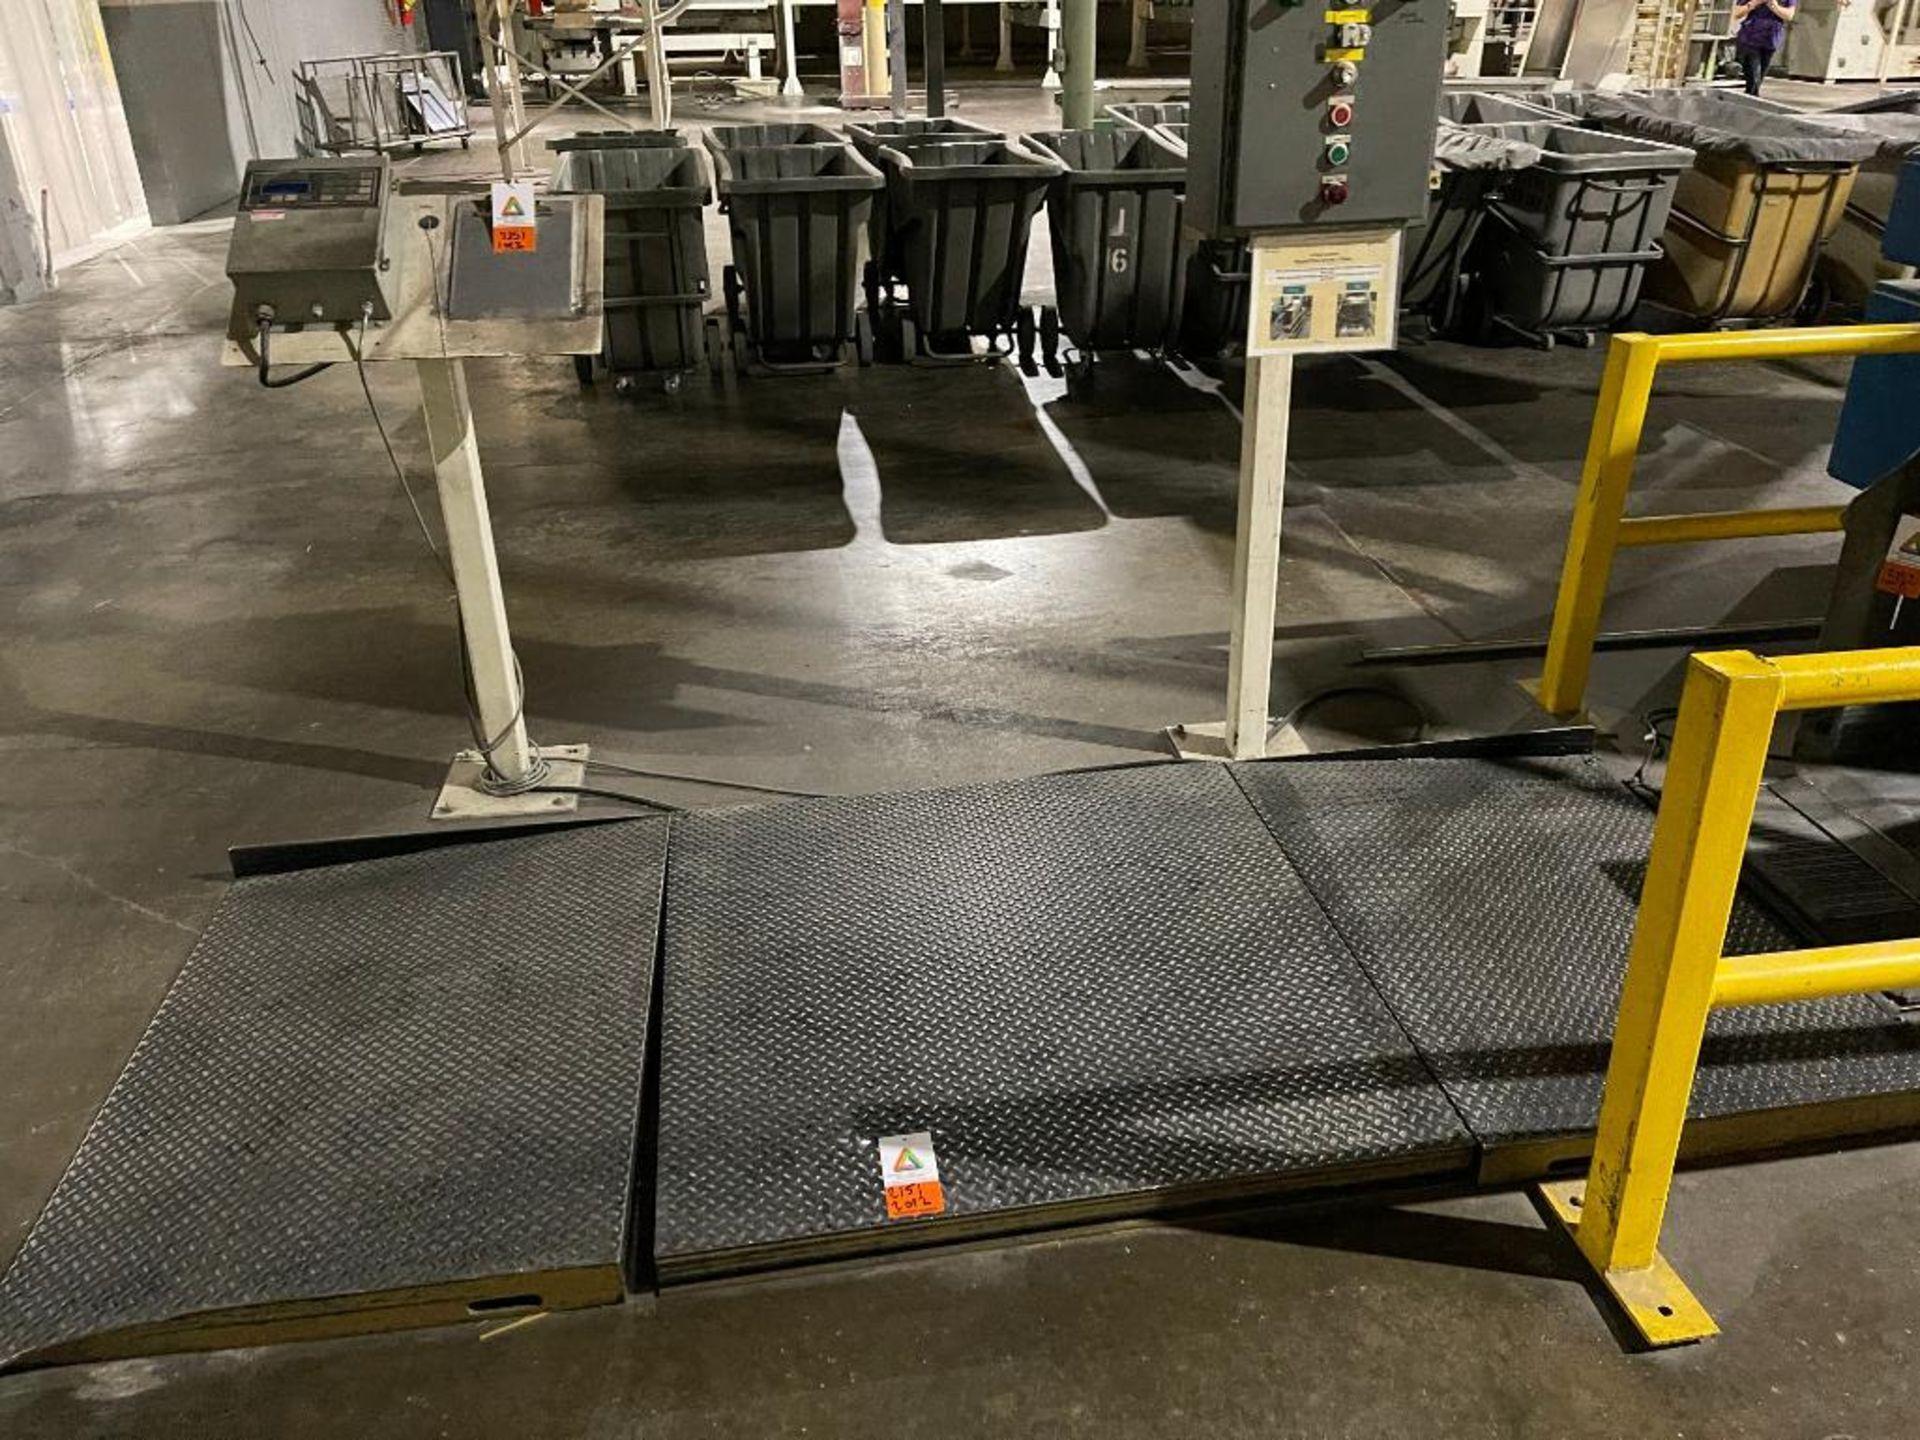 Flex-Weigh 4 ft. x 4 ft. platform scale